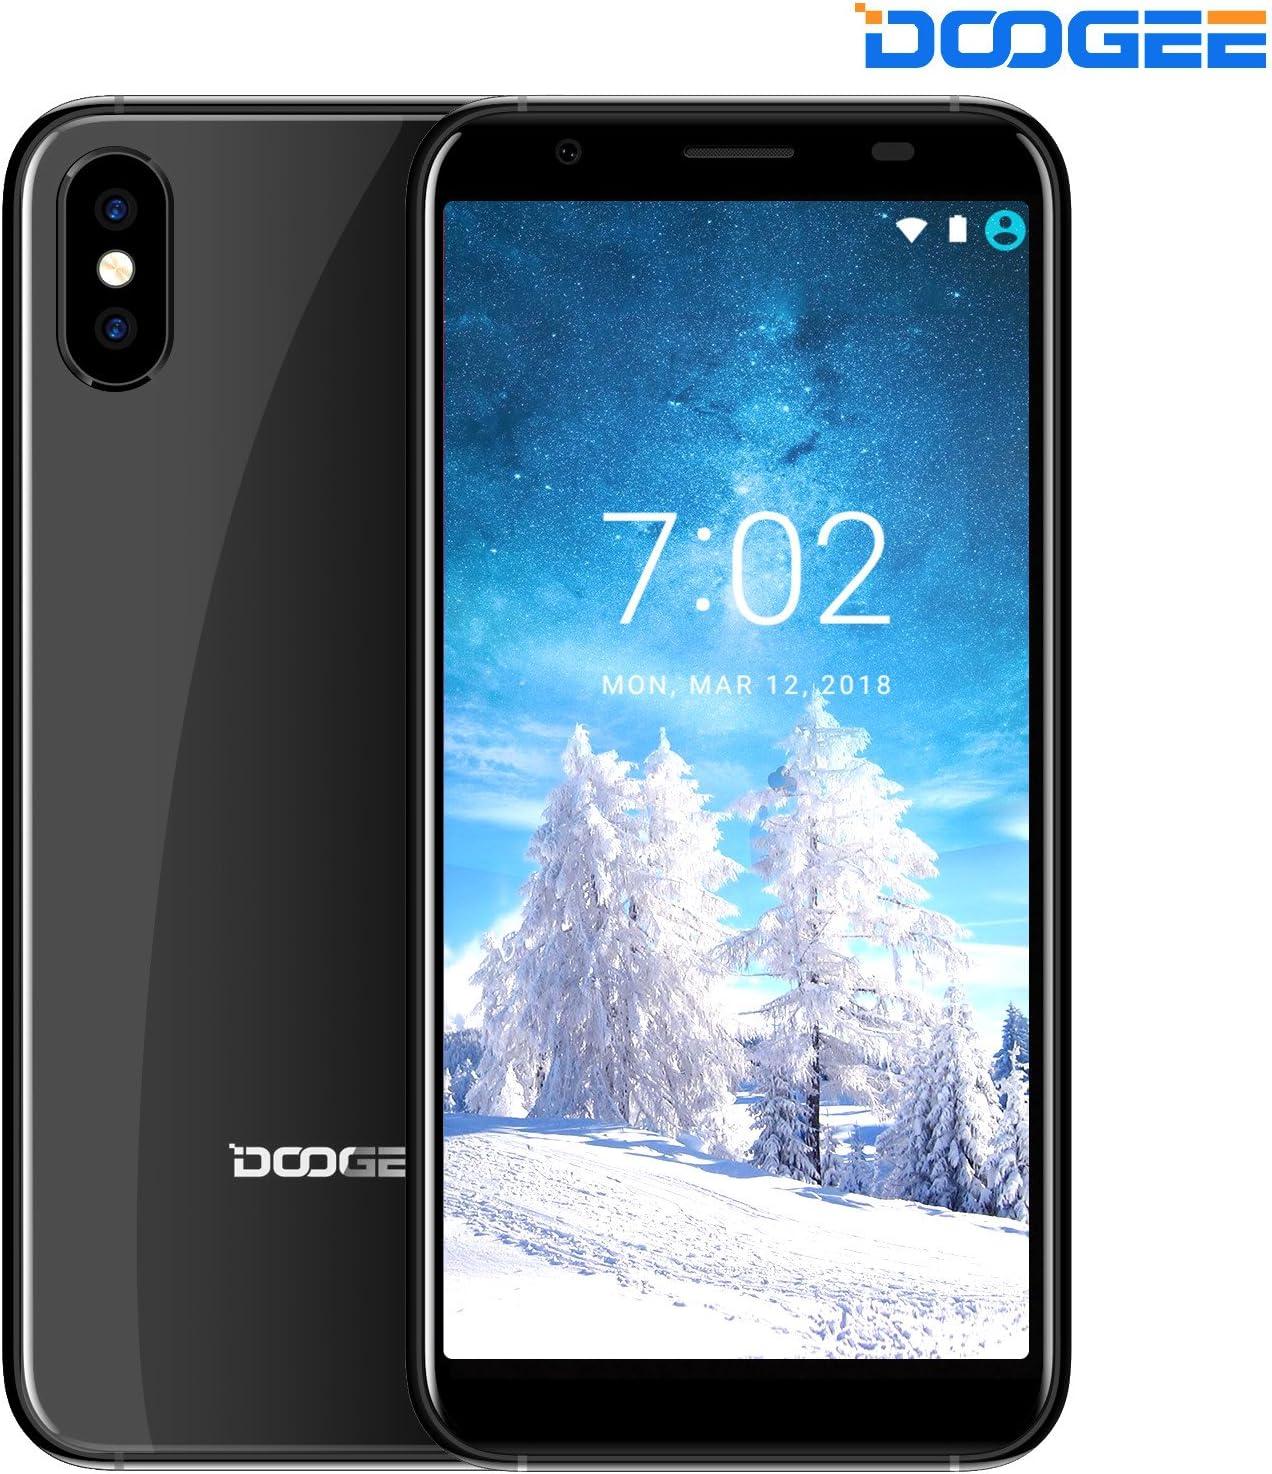 DOOGEE X55 Telefono Movil Libres 3G: Amazon.es: Electrónica